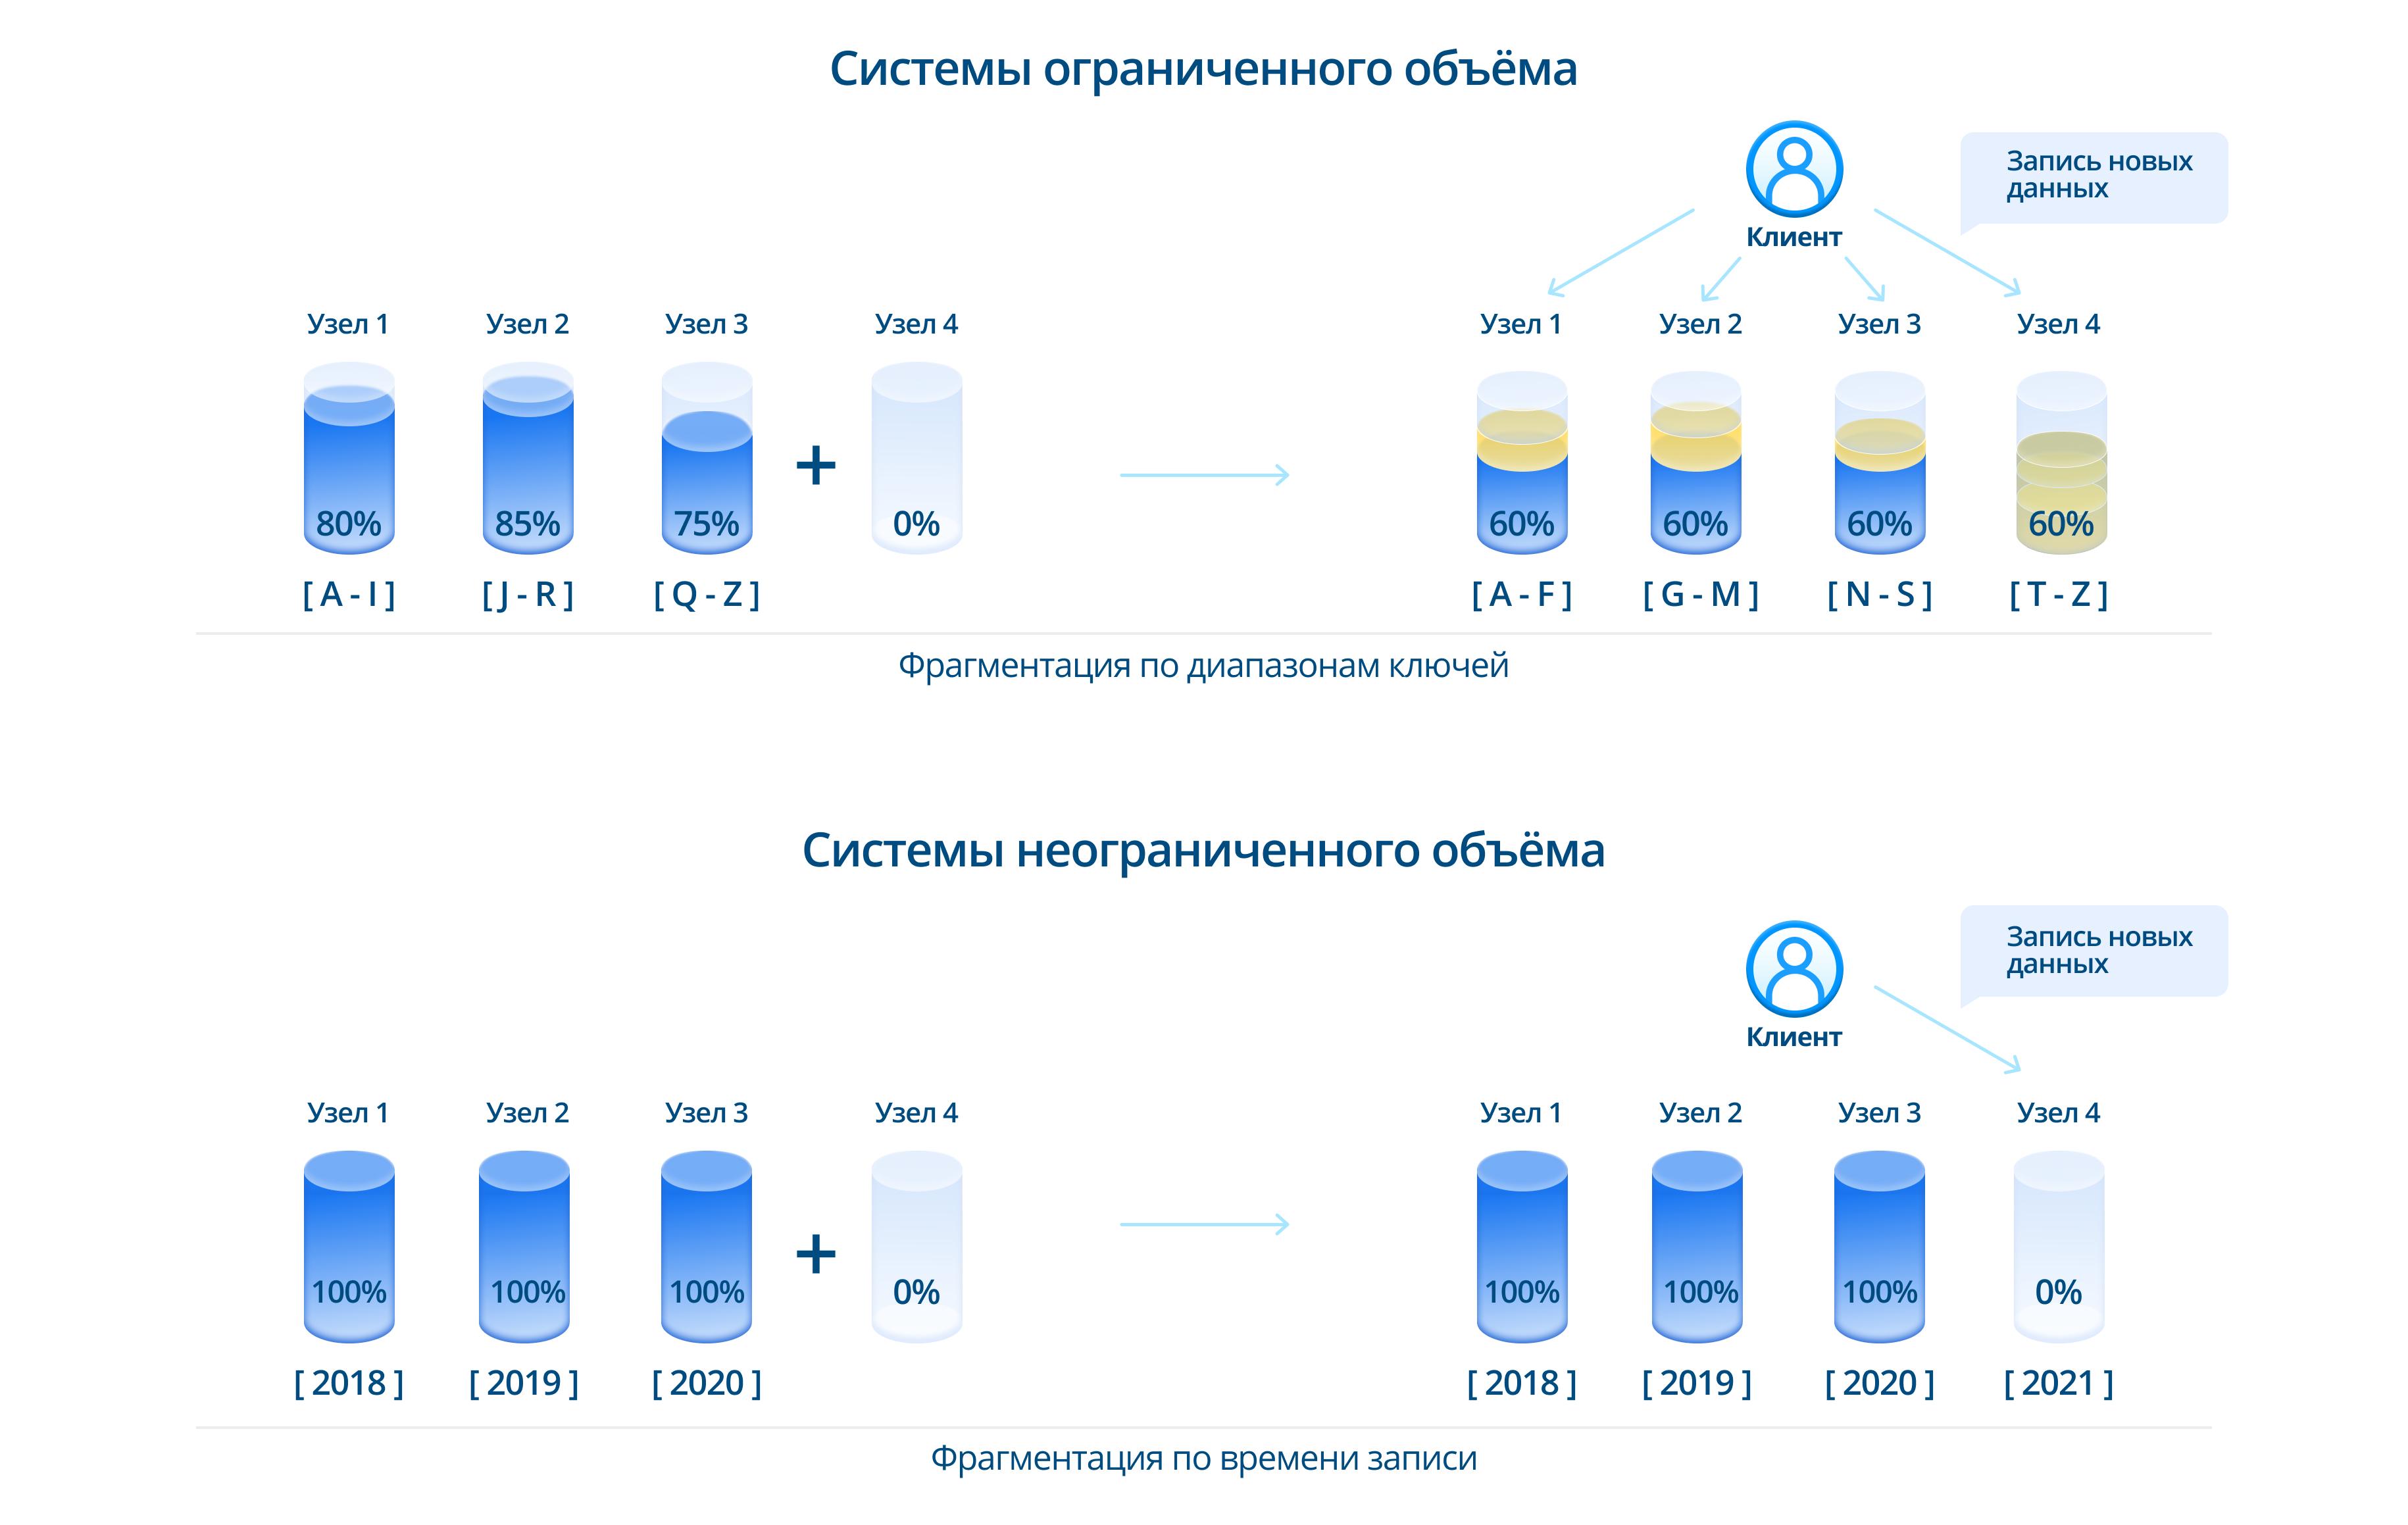 Различные стратегии горизонтального масштабирования. В системах ограниченного объёма после масштабирования можно проводить ребалансировку данных с целью выравнивания нагрузки. В системах неограниченного объёма более целесообразно отдавать новые узлы целиком под запись новых данных.